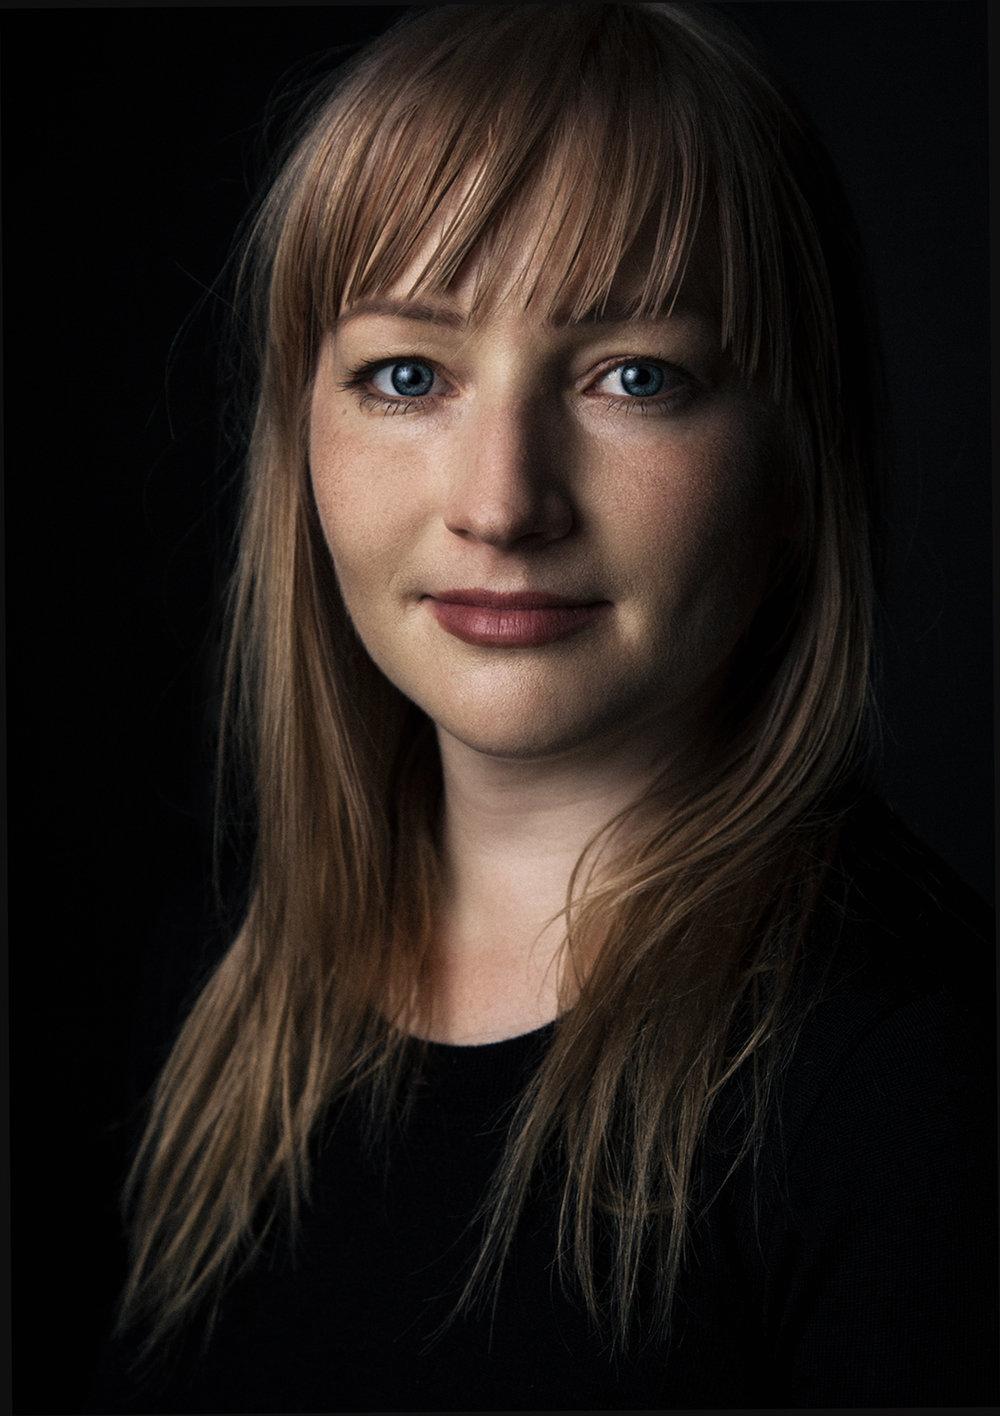 Alexie Spraic